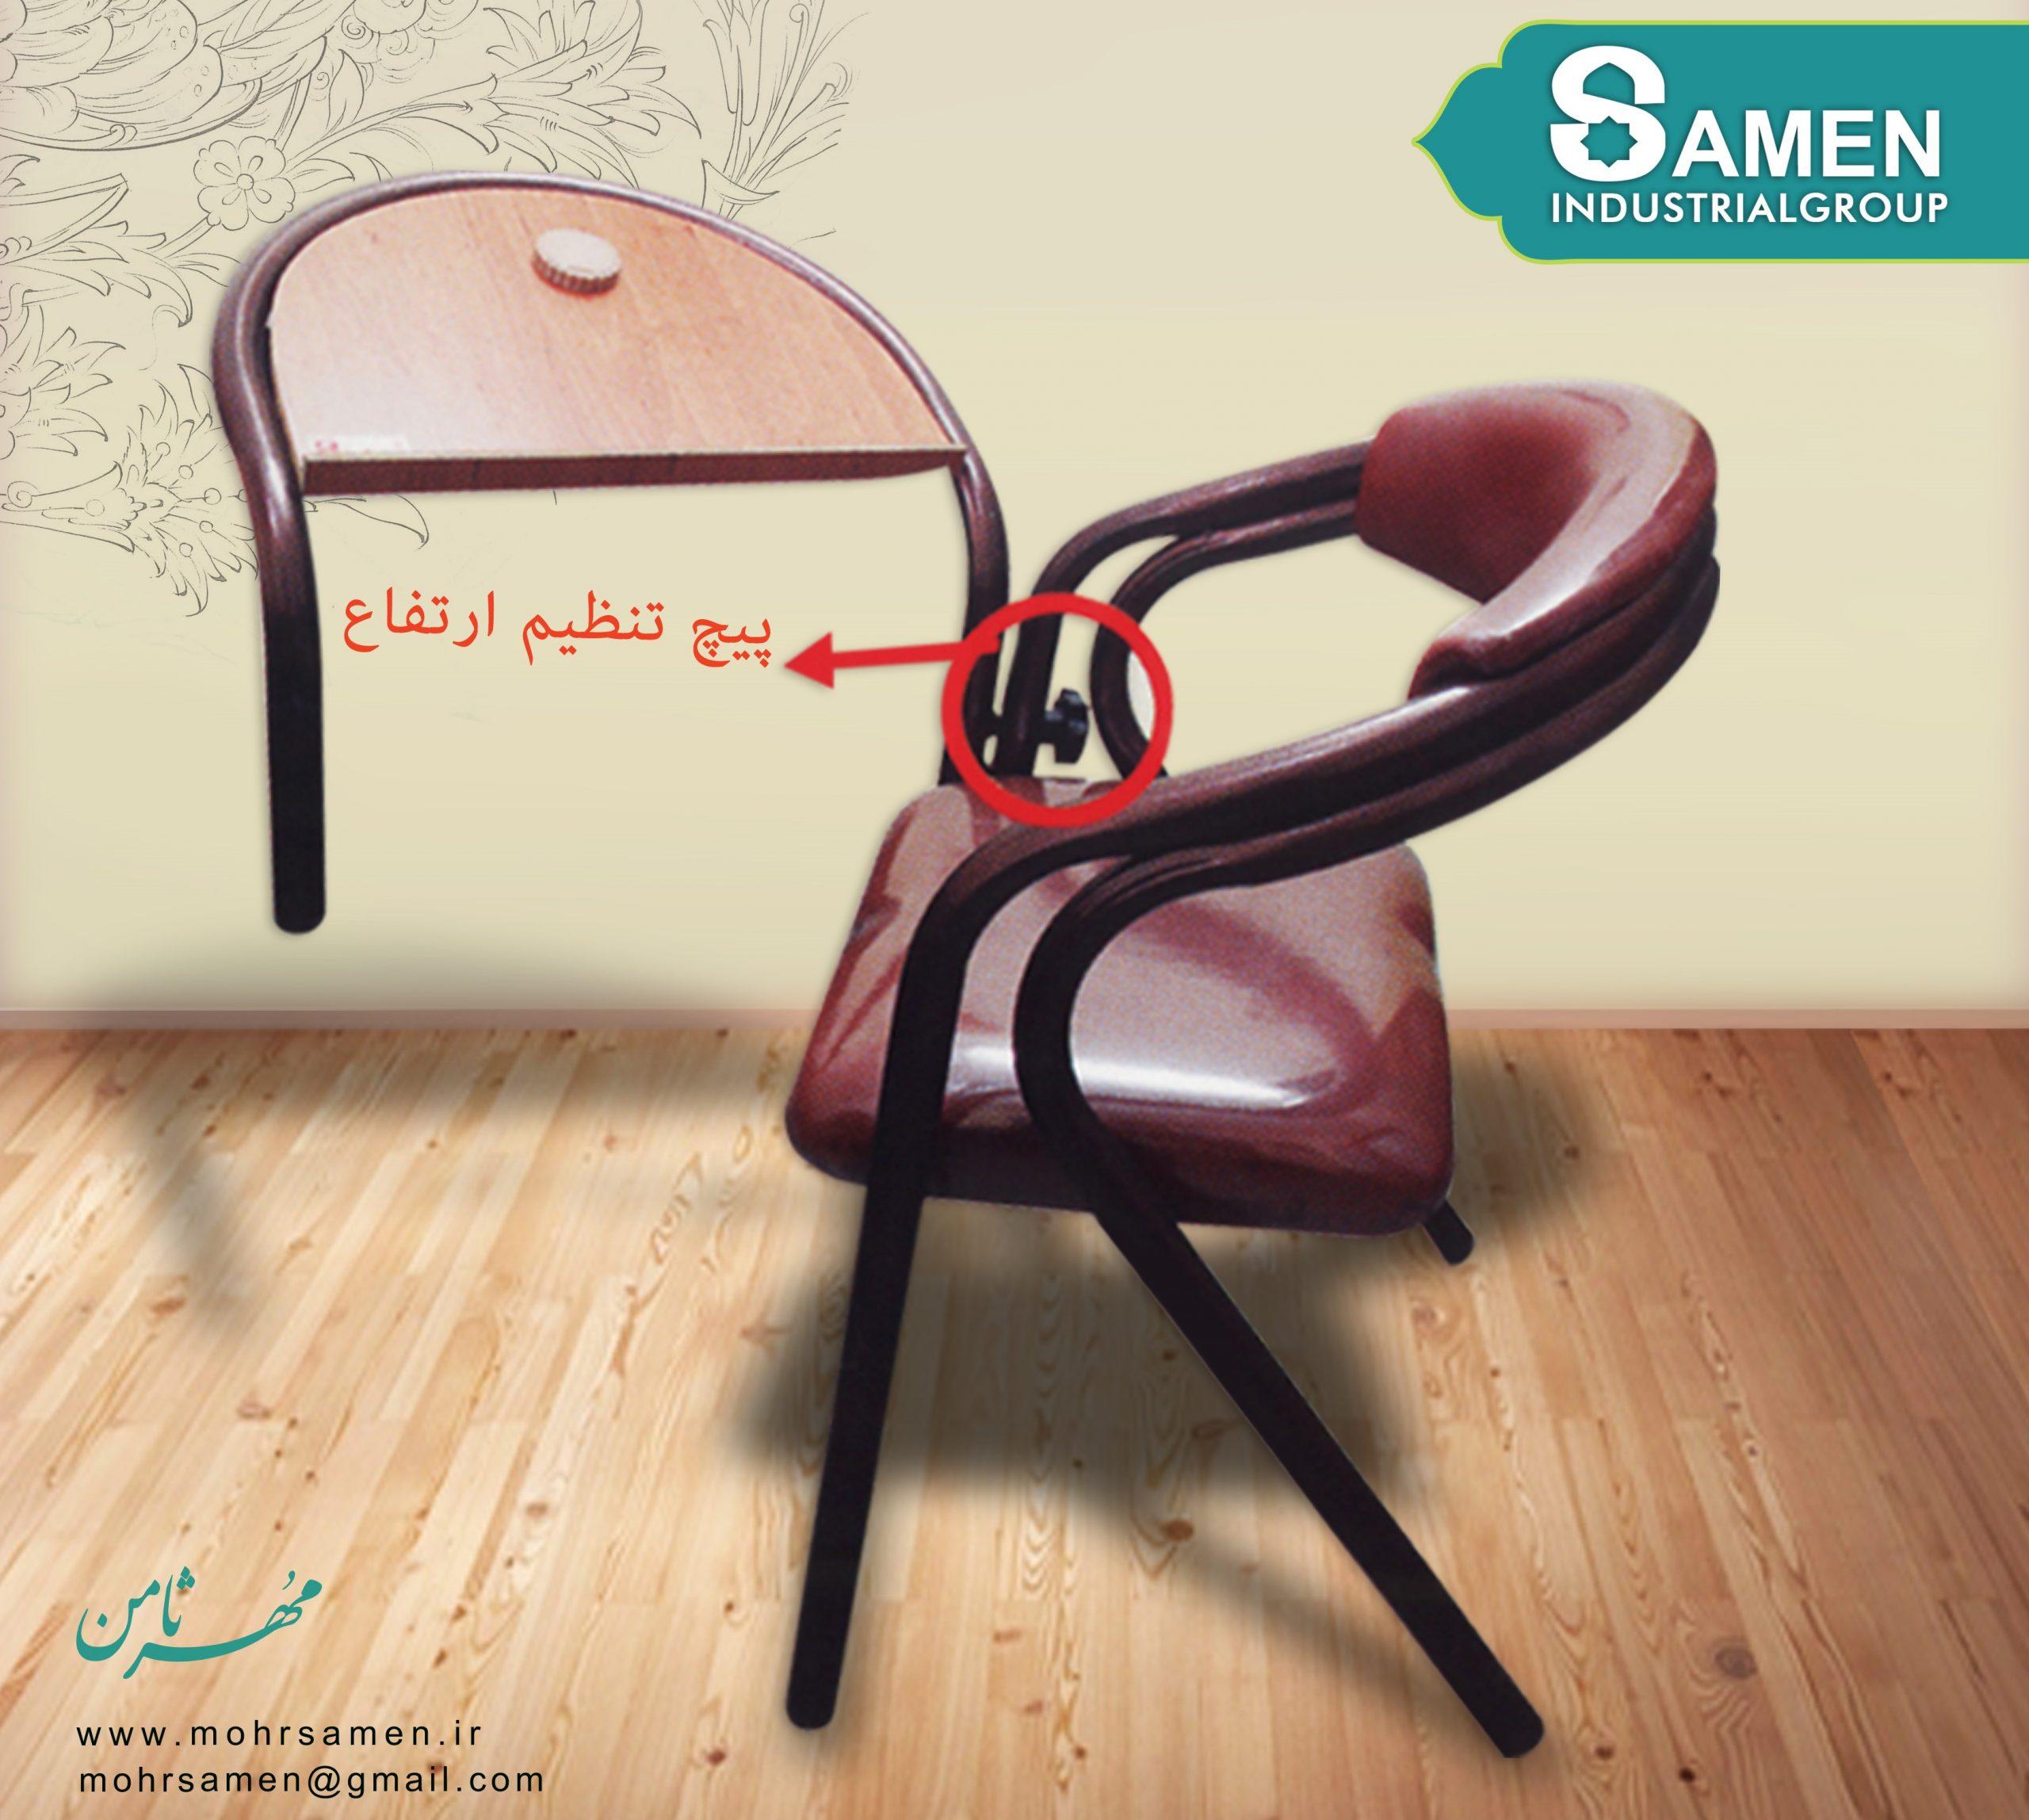 صندلی Dm رنگی